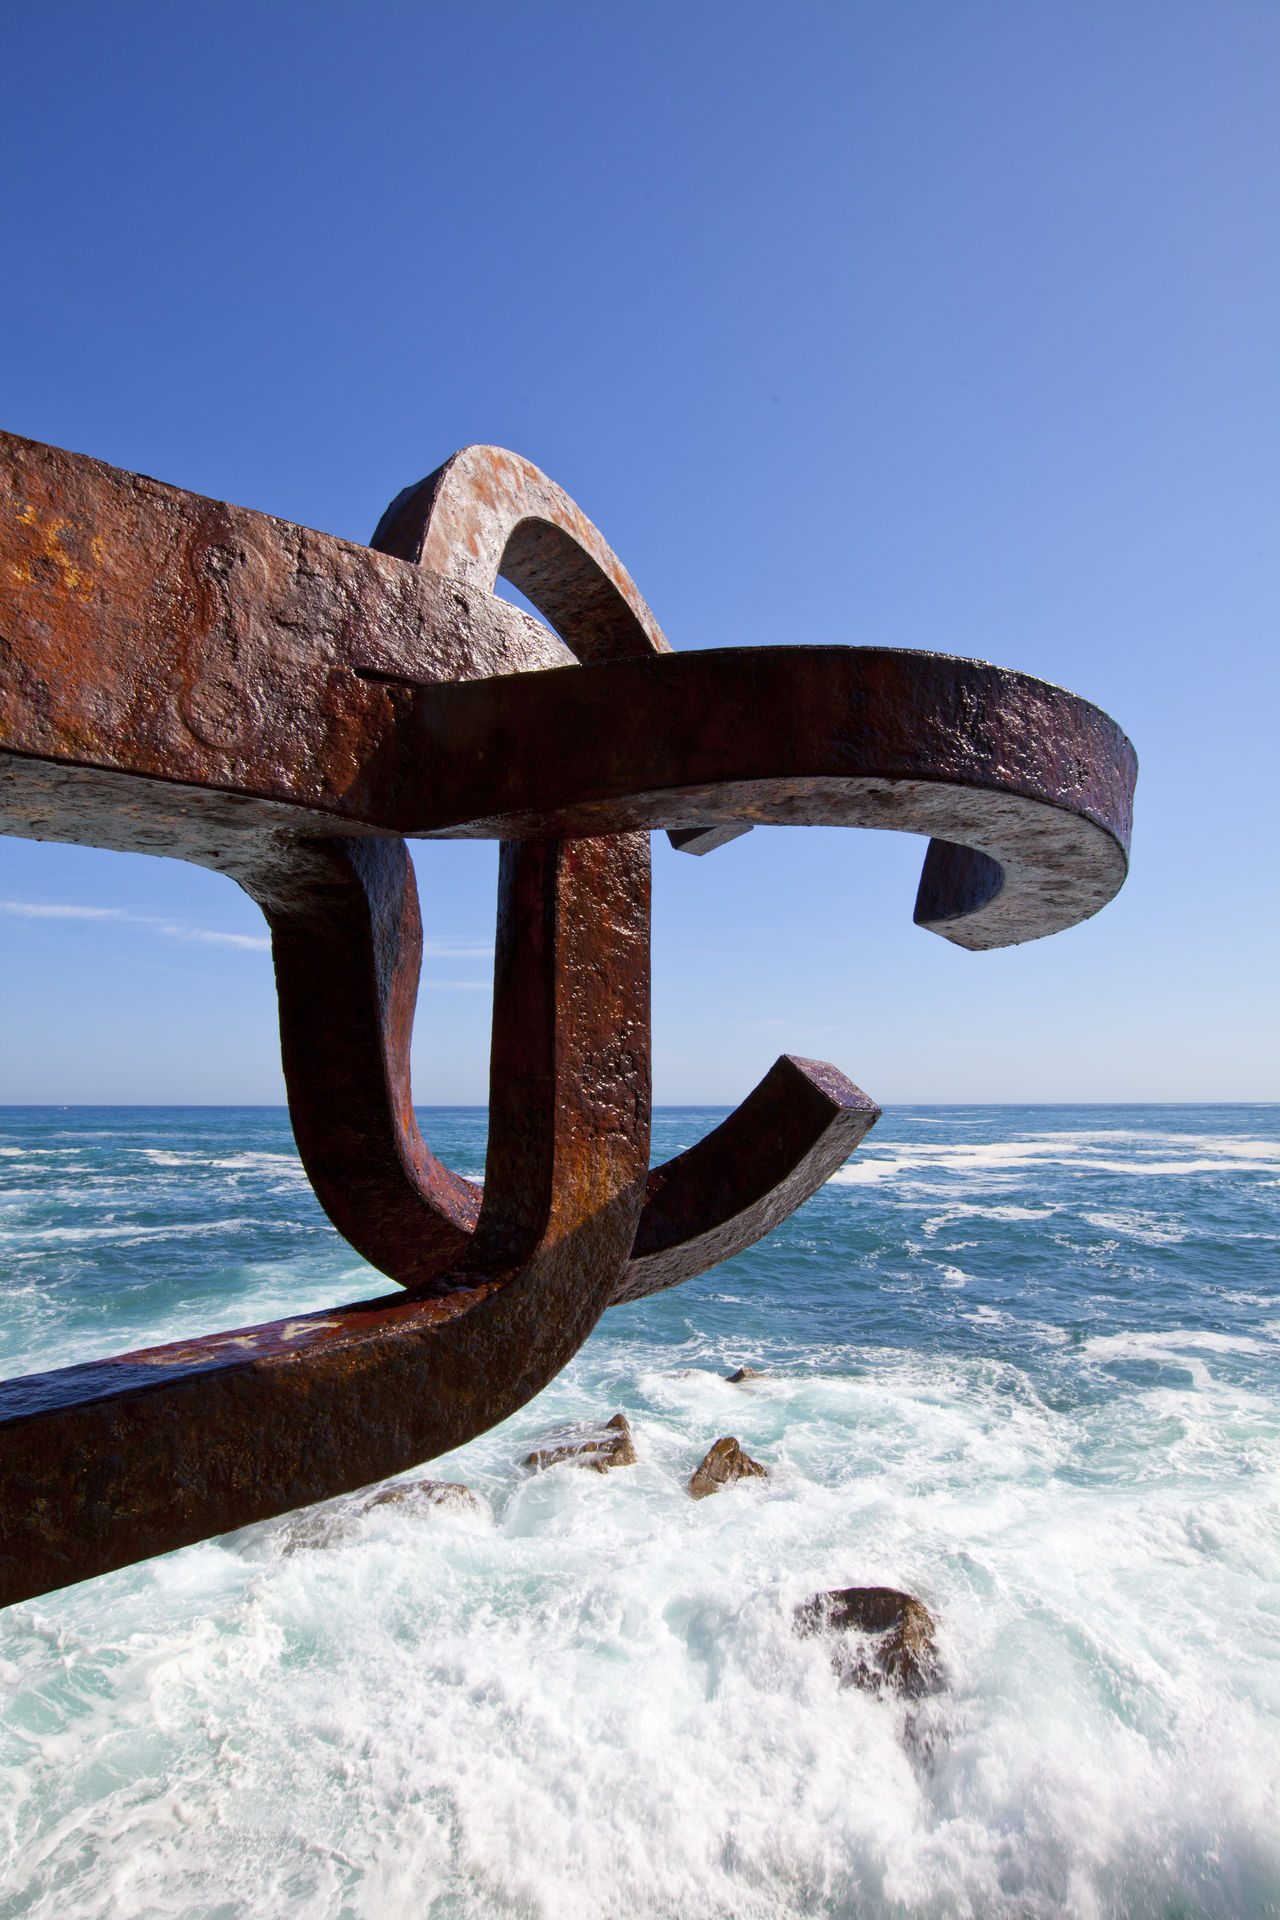 Blue Sea Donostia / San Sebastián El Peine Del Viento En Donostia Ocean Waves Peine De Los Vientos Peine Del Viento Sea Viento Waves